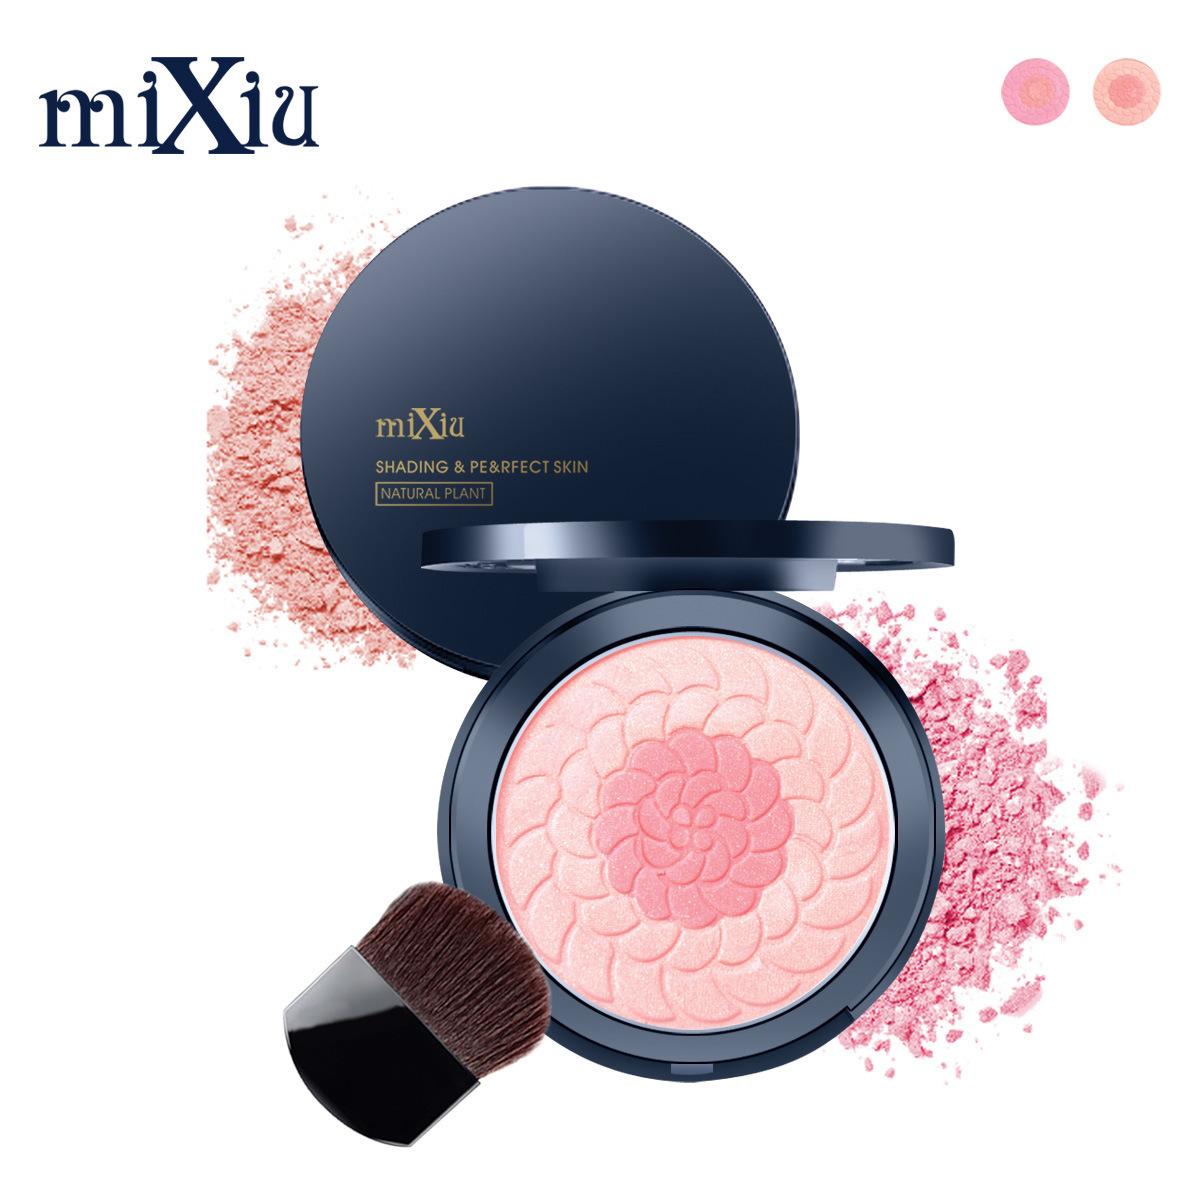 Phấn má màu nude chính hãng dưỡng ẩm làm sáng da tông màu nắng đỏ bột Hàn Quốc hai màu mixiu mới bắt đầu không thấm nước với cọ - Blush / Cochineal